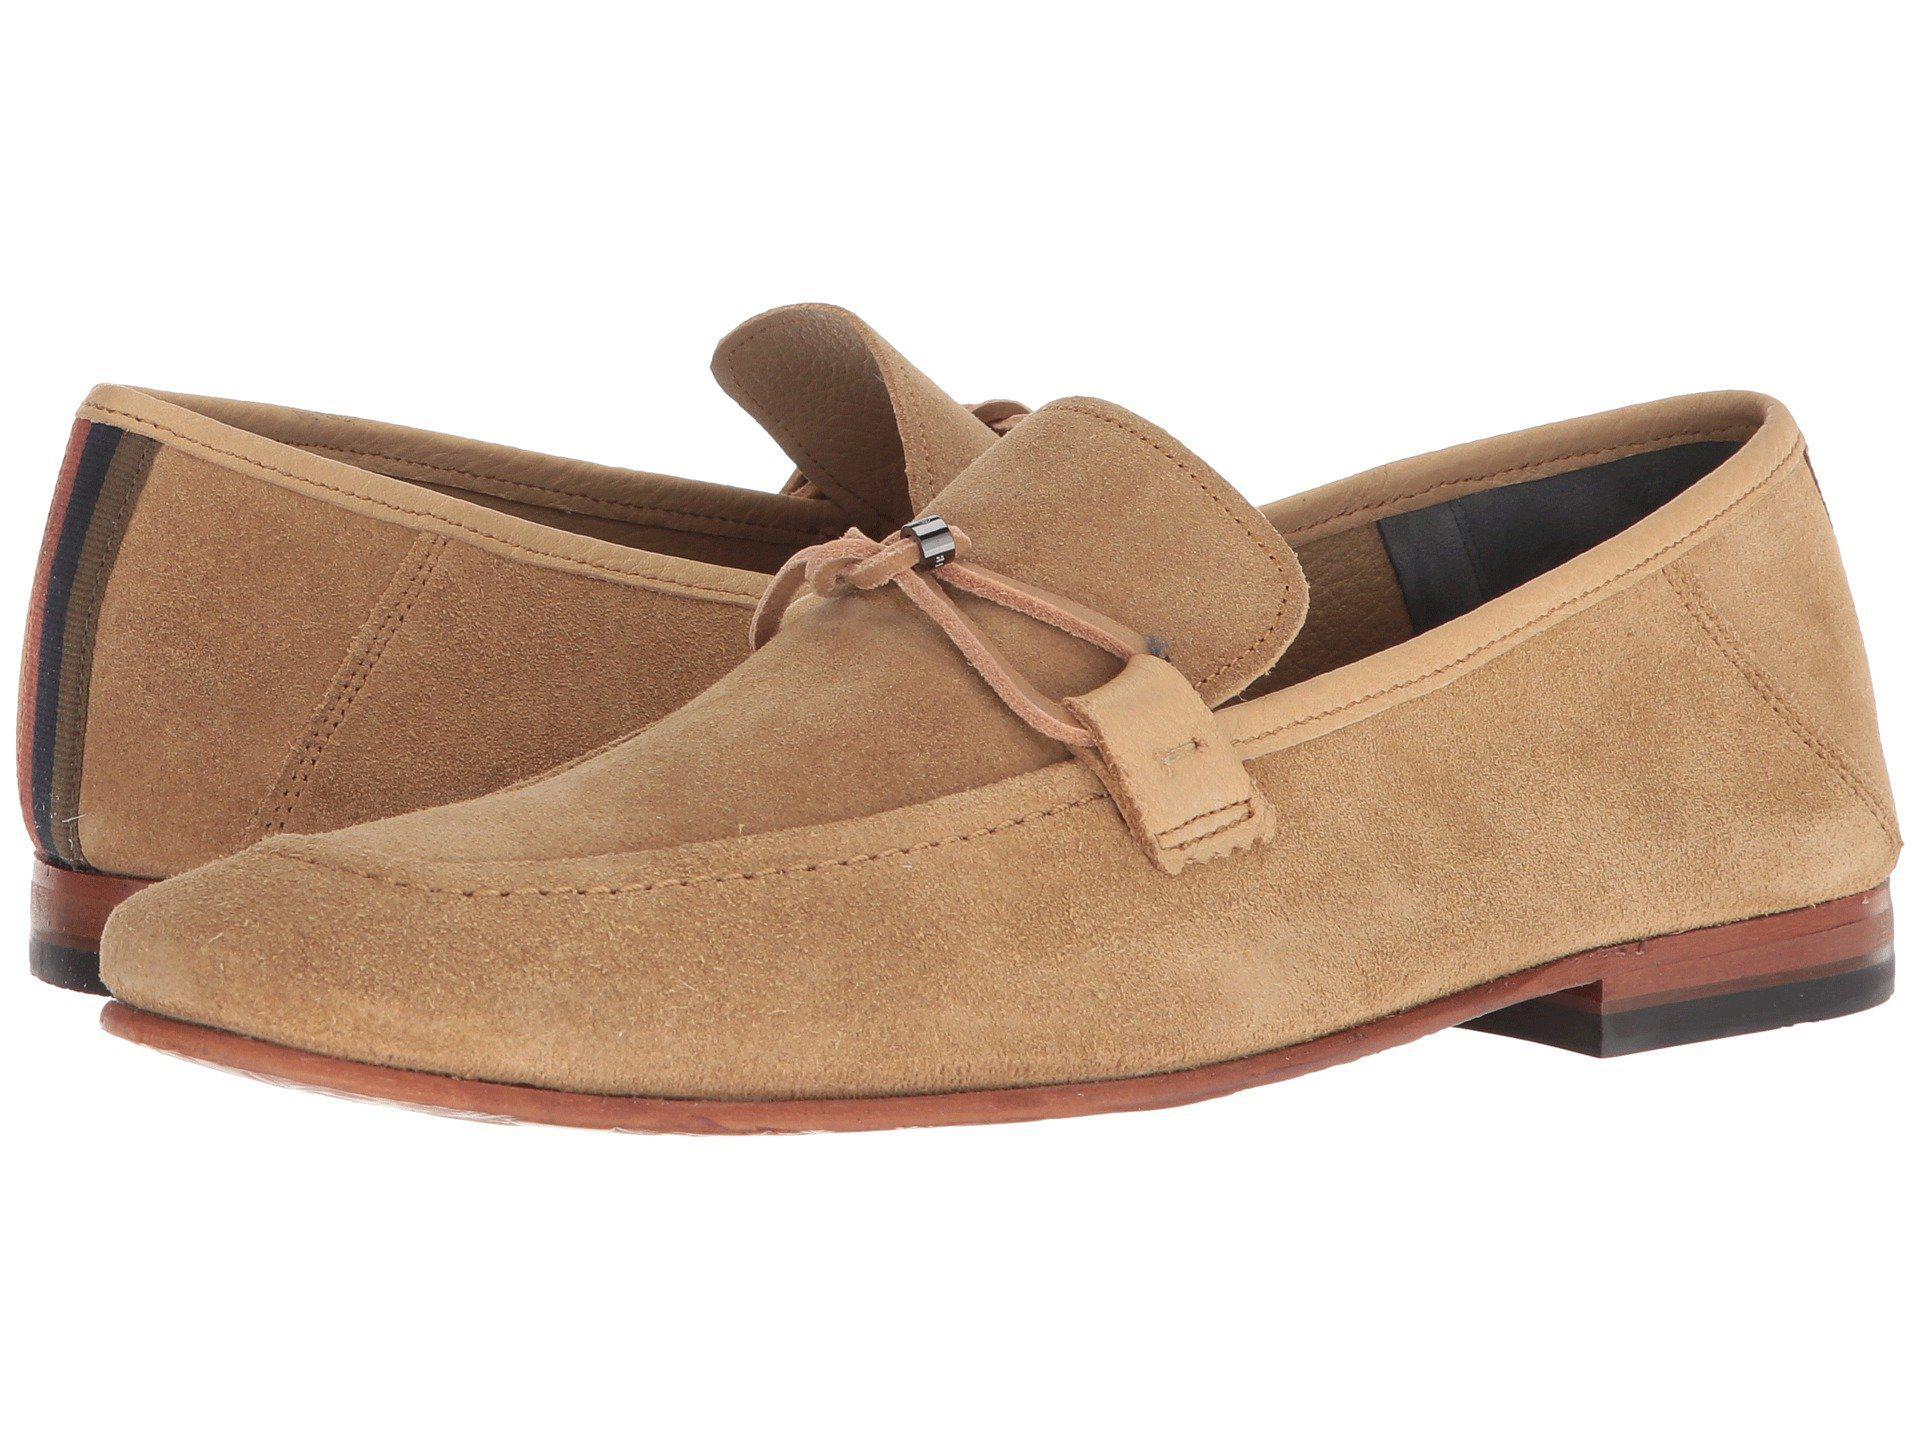 a6bf4c03df5 Lyst - Ted Baker Hoppken (red Suede) Men s Shoes in Natural for Men